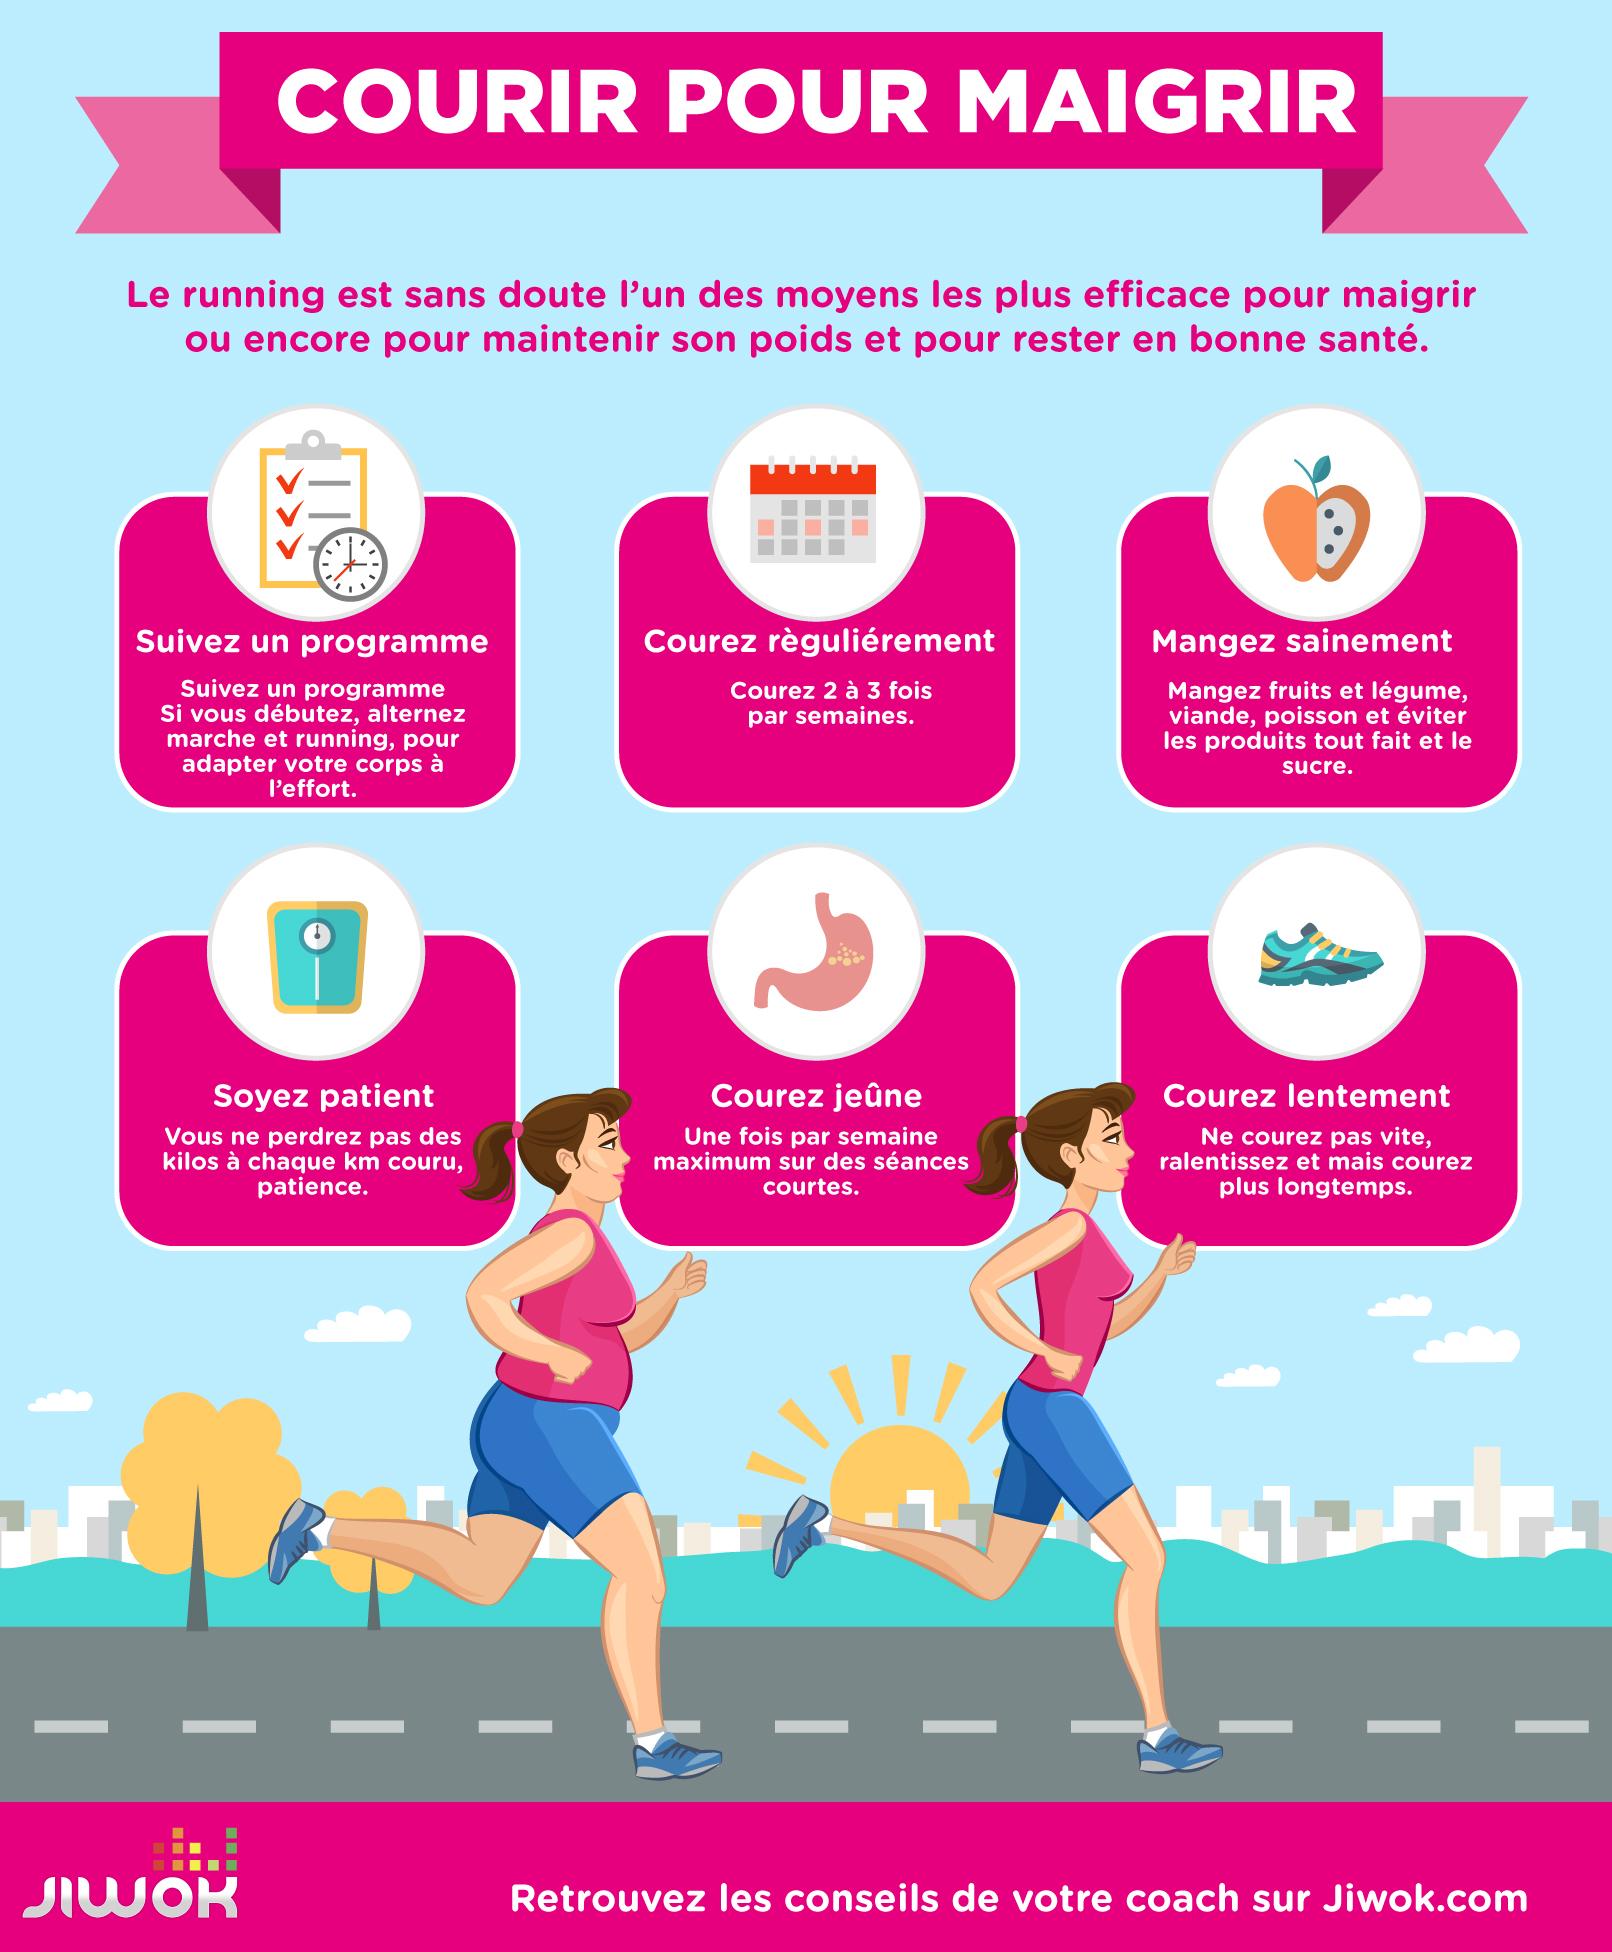 comment les athlètes peuvent-ils perdre du poids rapidement